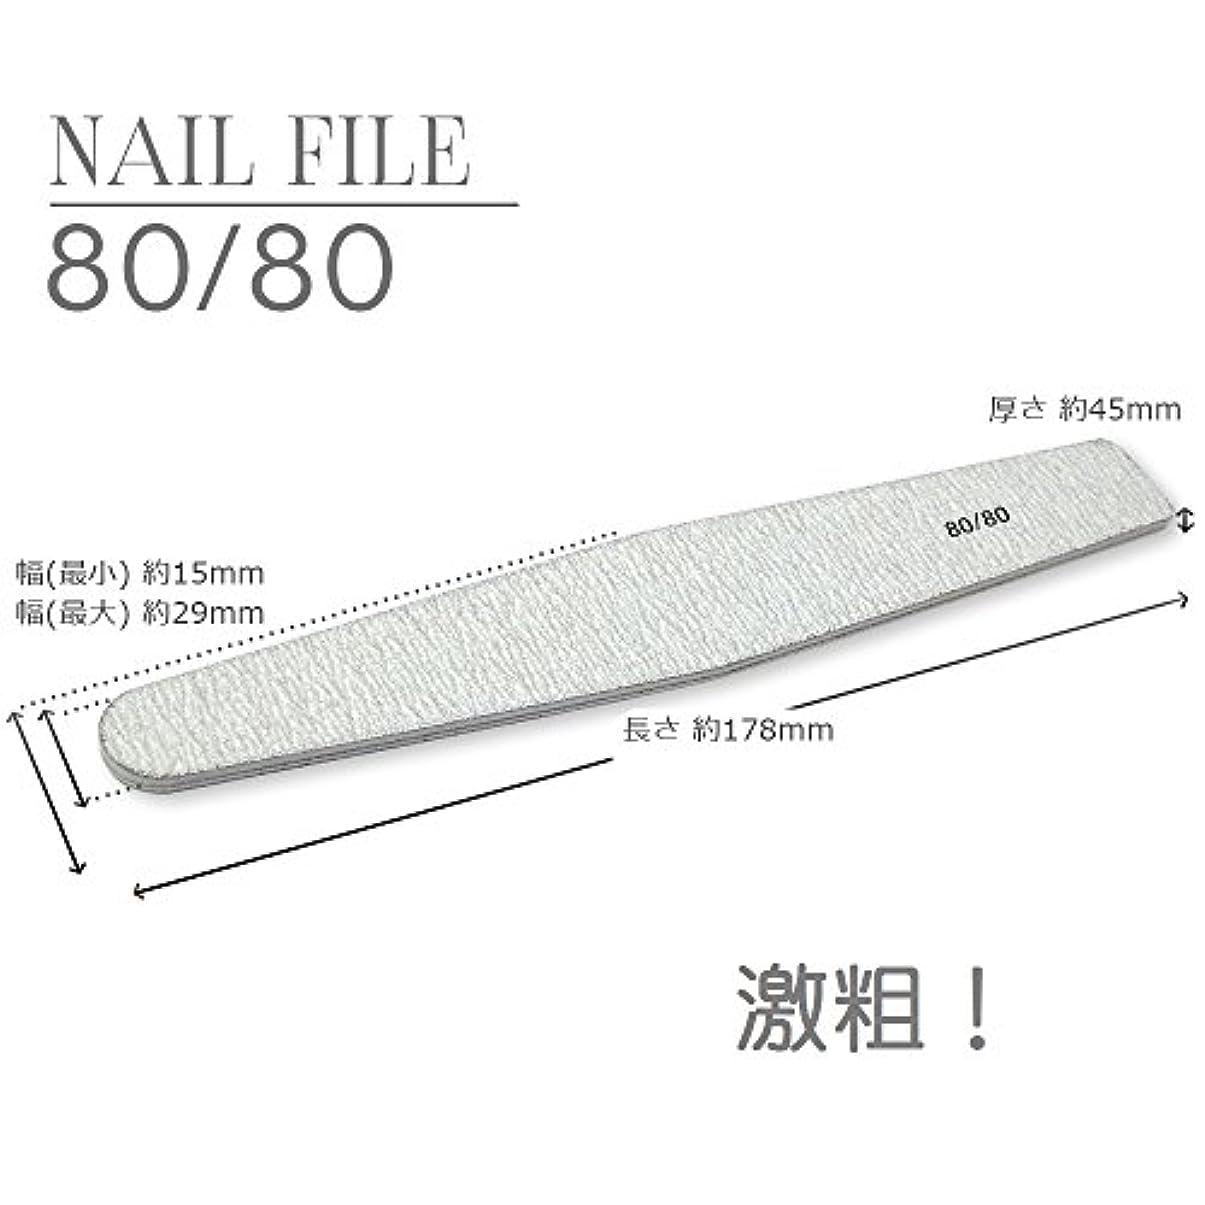 絡まる抽出コジオスコネイルファイル【80/80】激粗 1本 ★ガリガリ削れます!